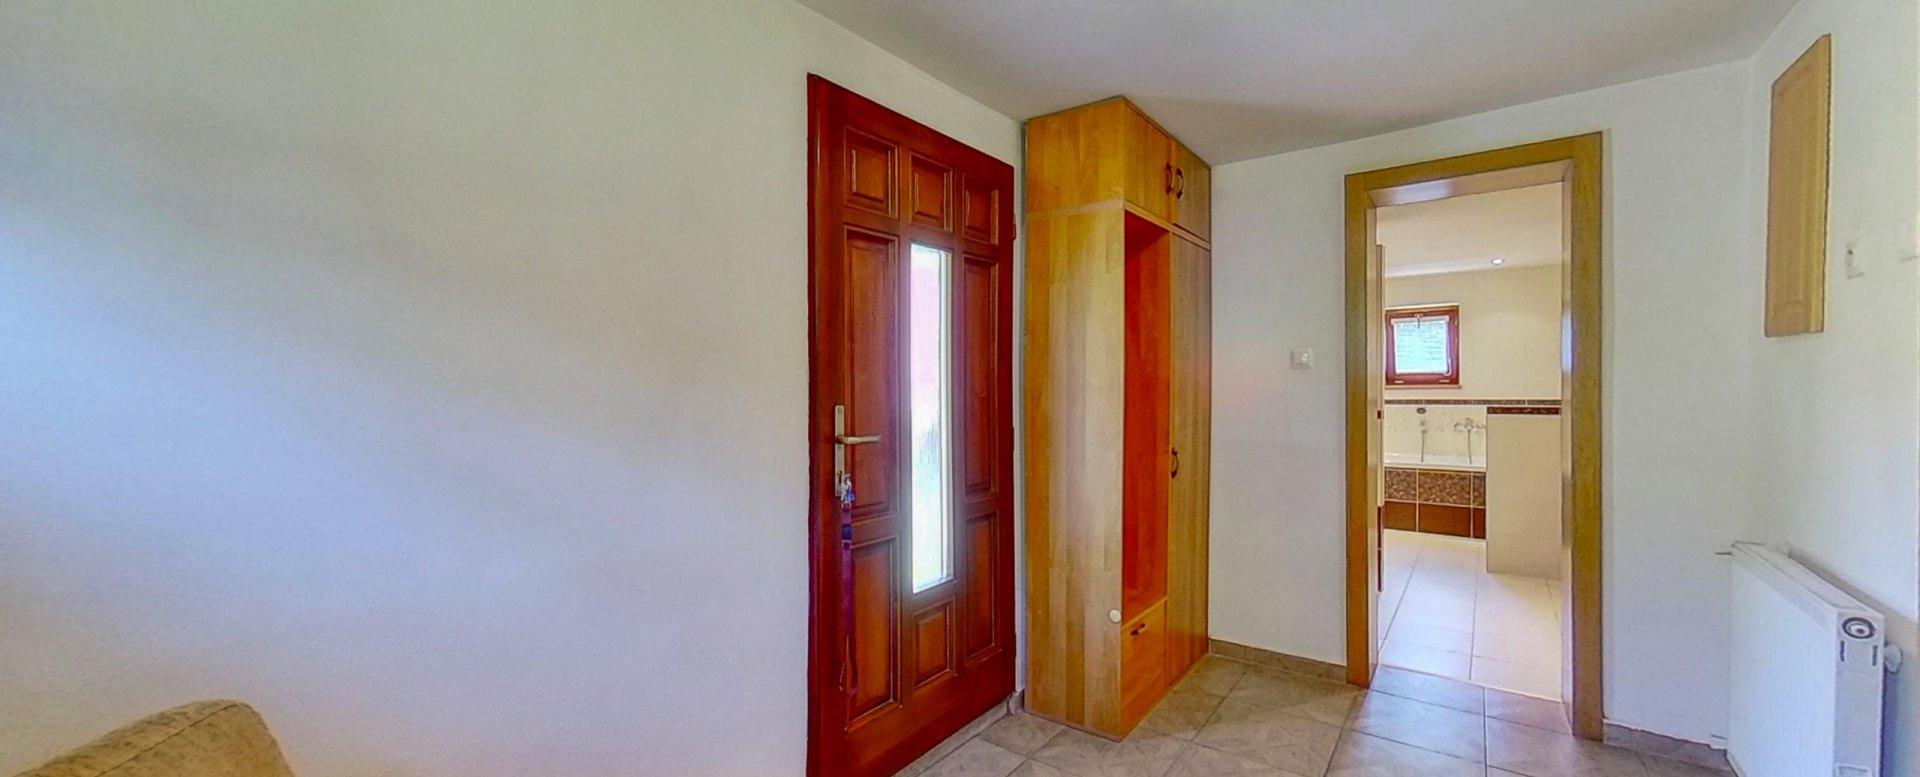 Vstupné dvere do domu